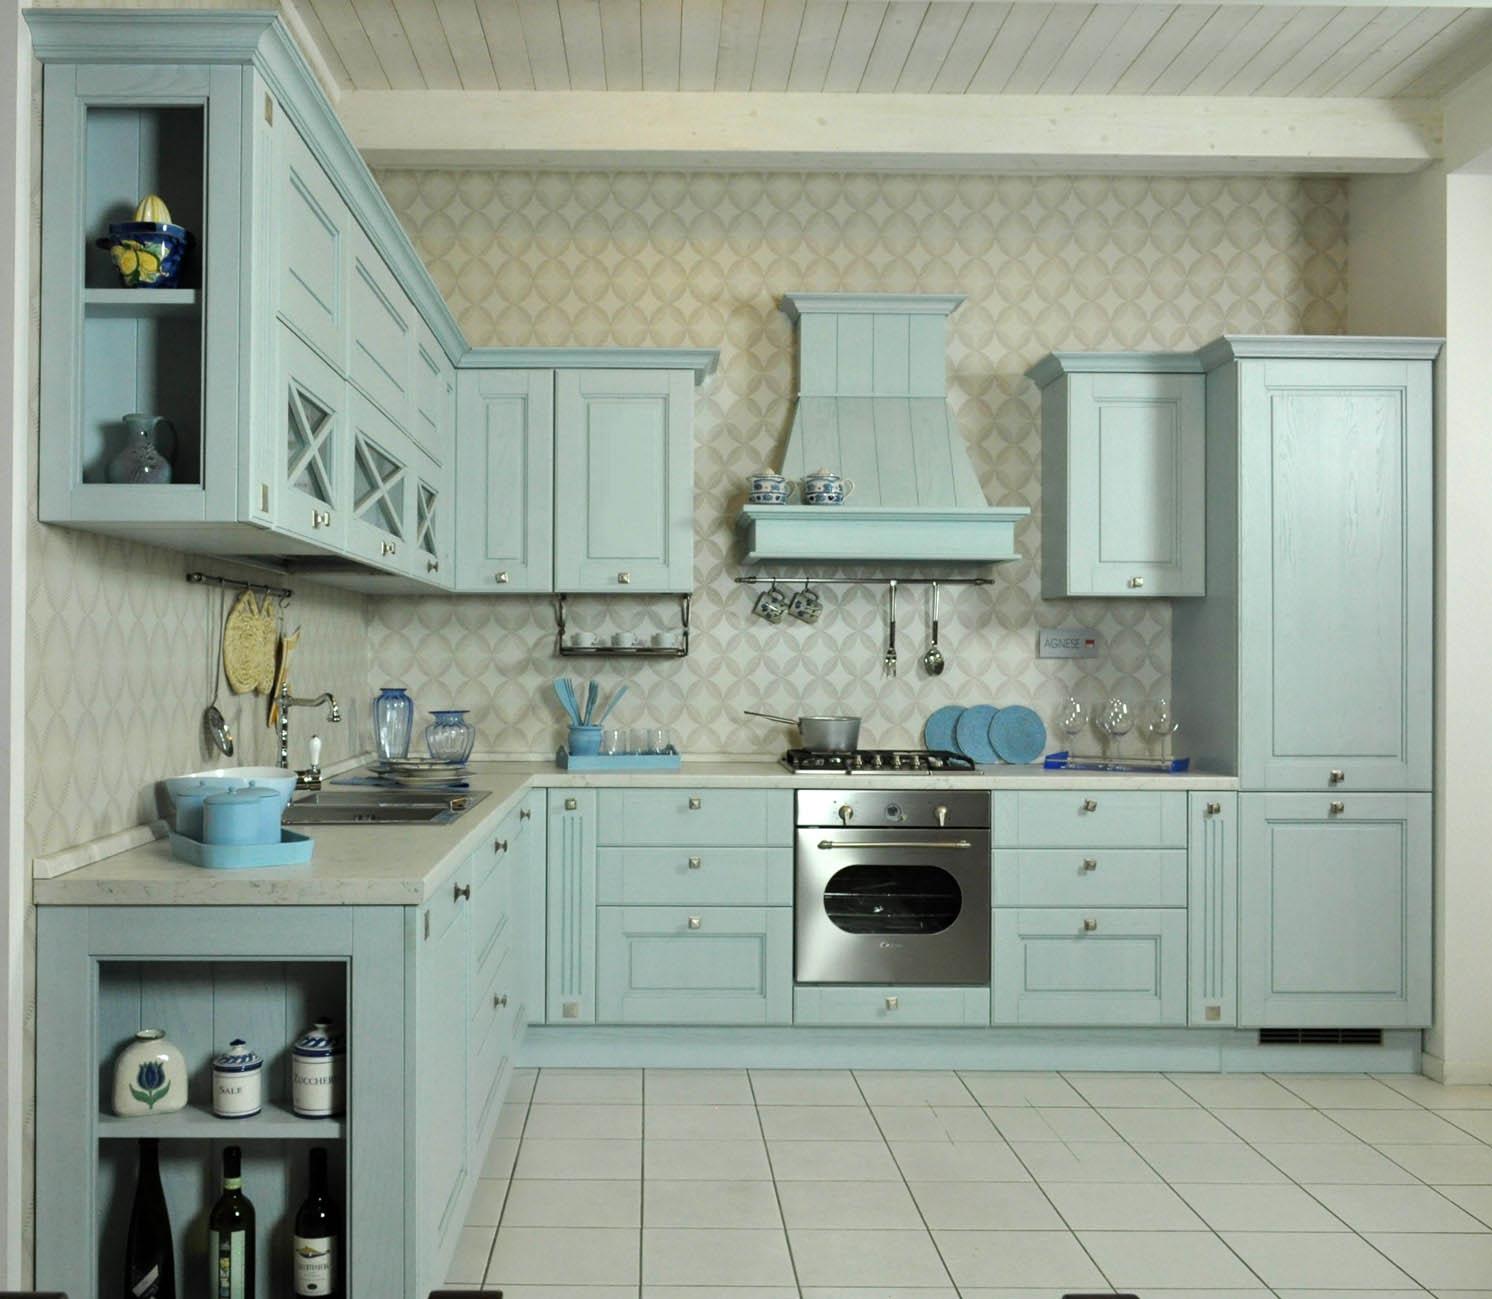 Cucine piccole prezzi awesome cucine componibili piccole for Cucine piccole dimensioni